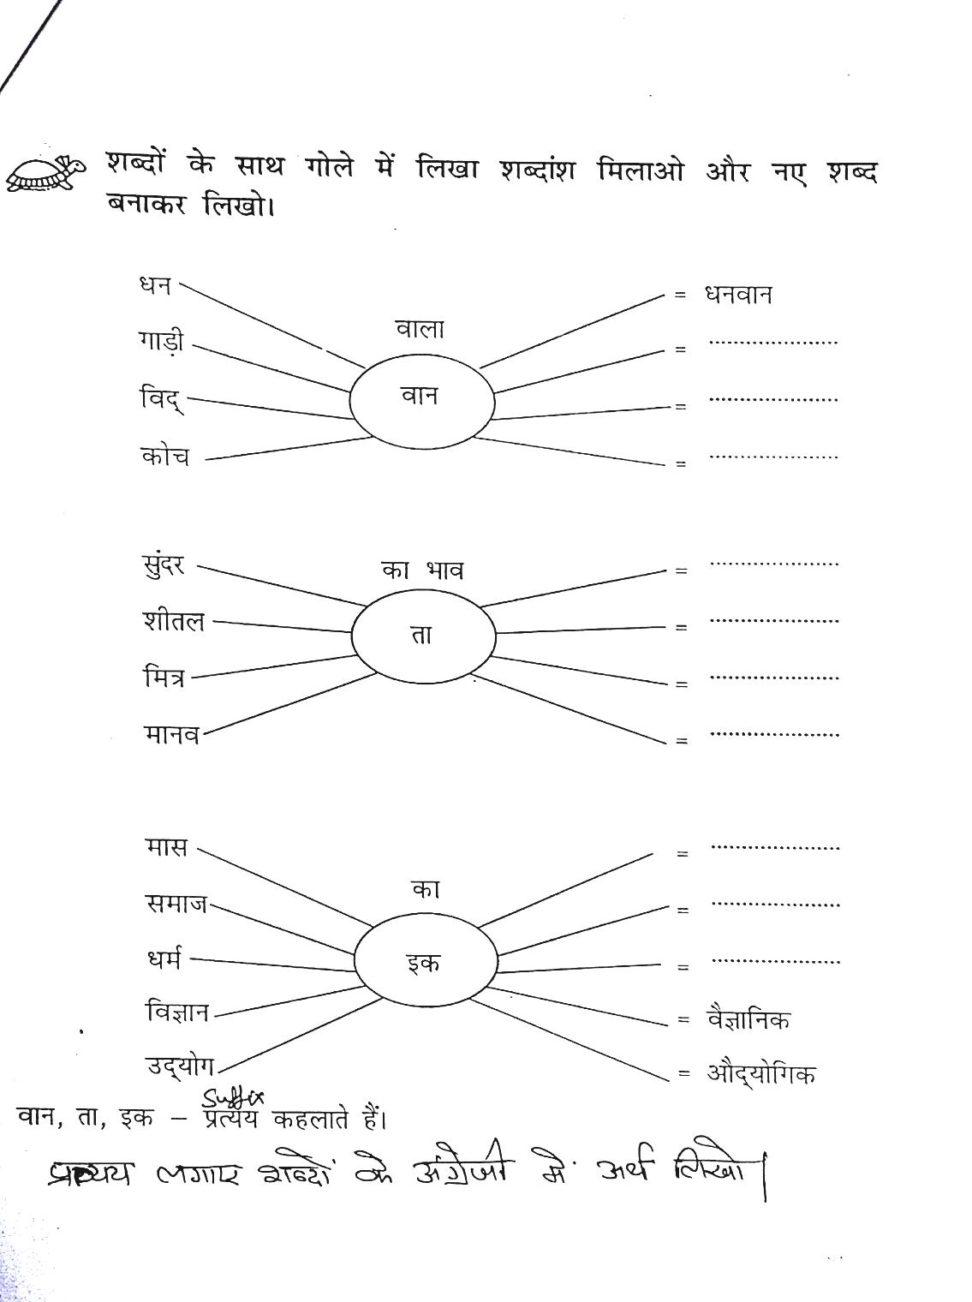 Hindi Worksheets For Grade 1 Printable